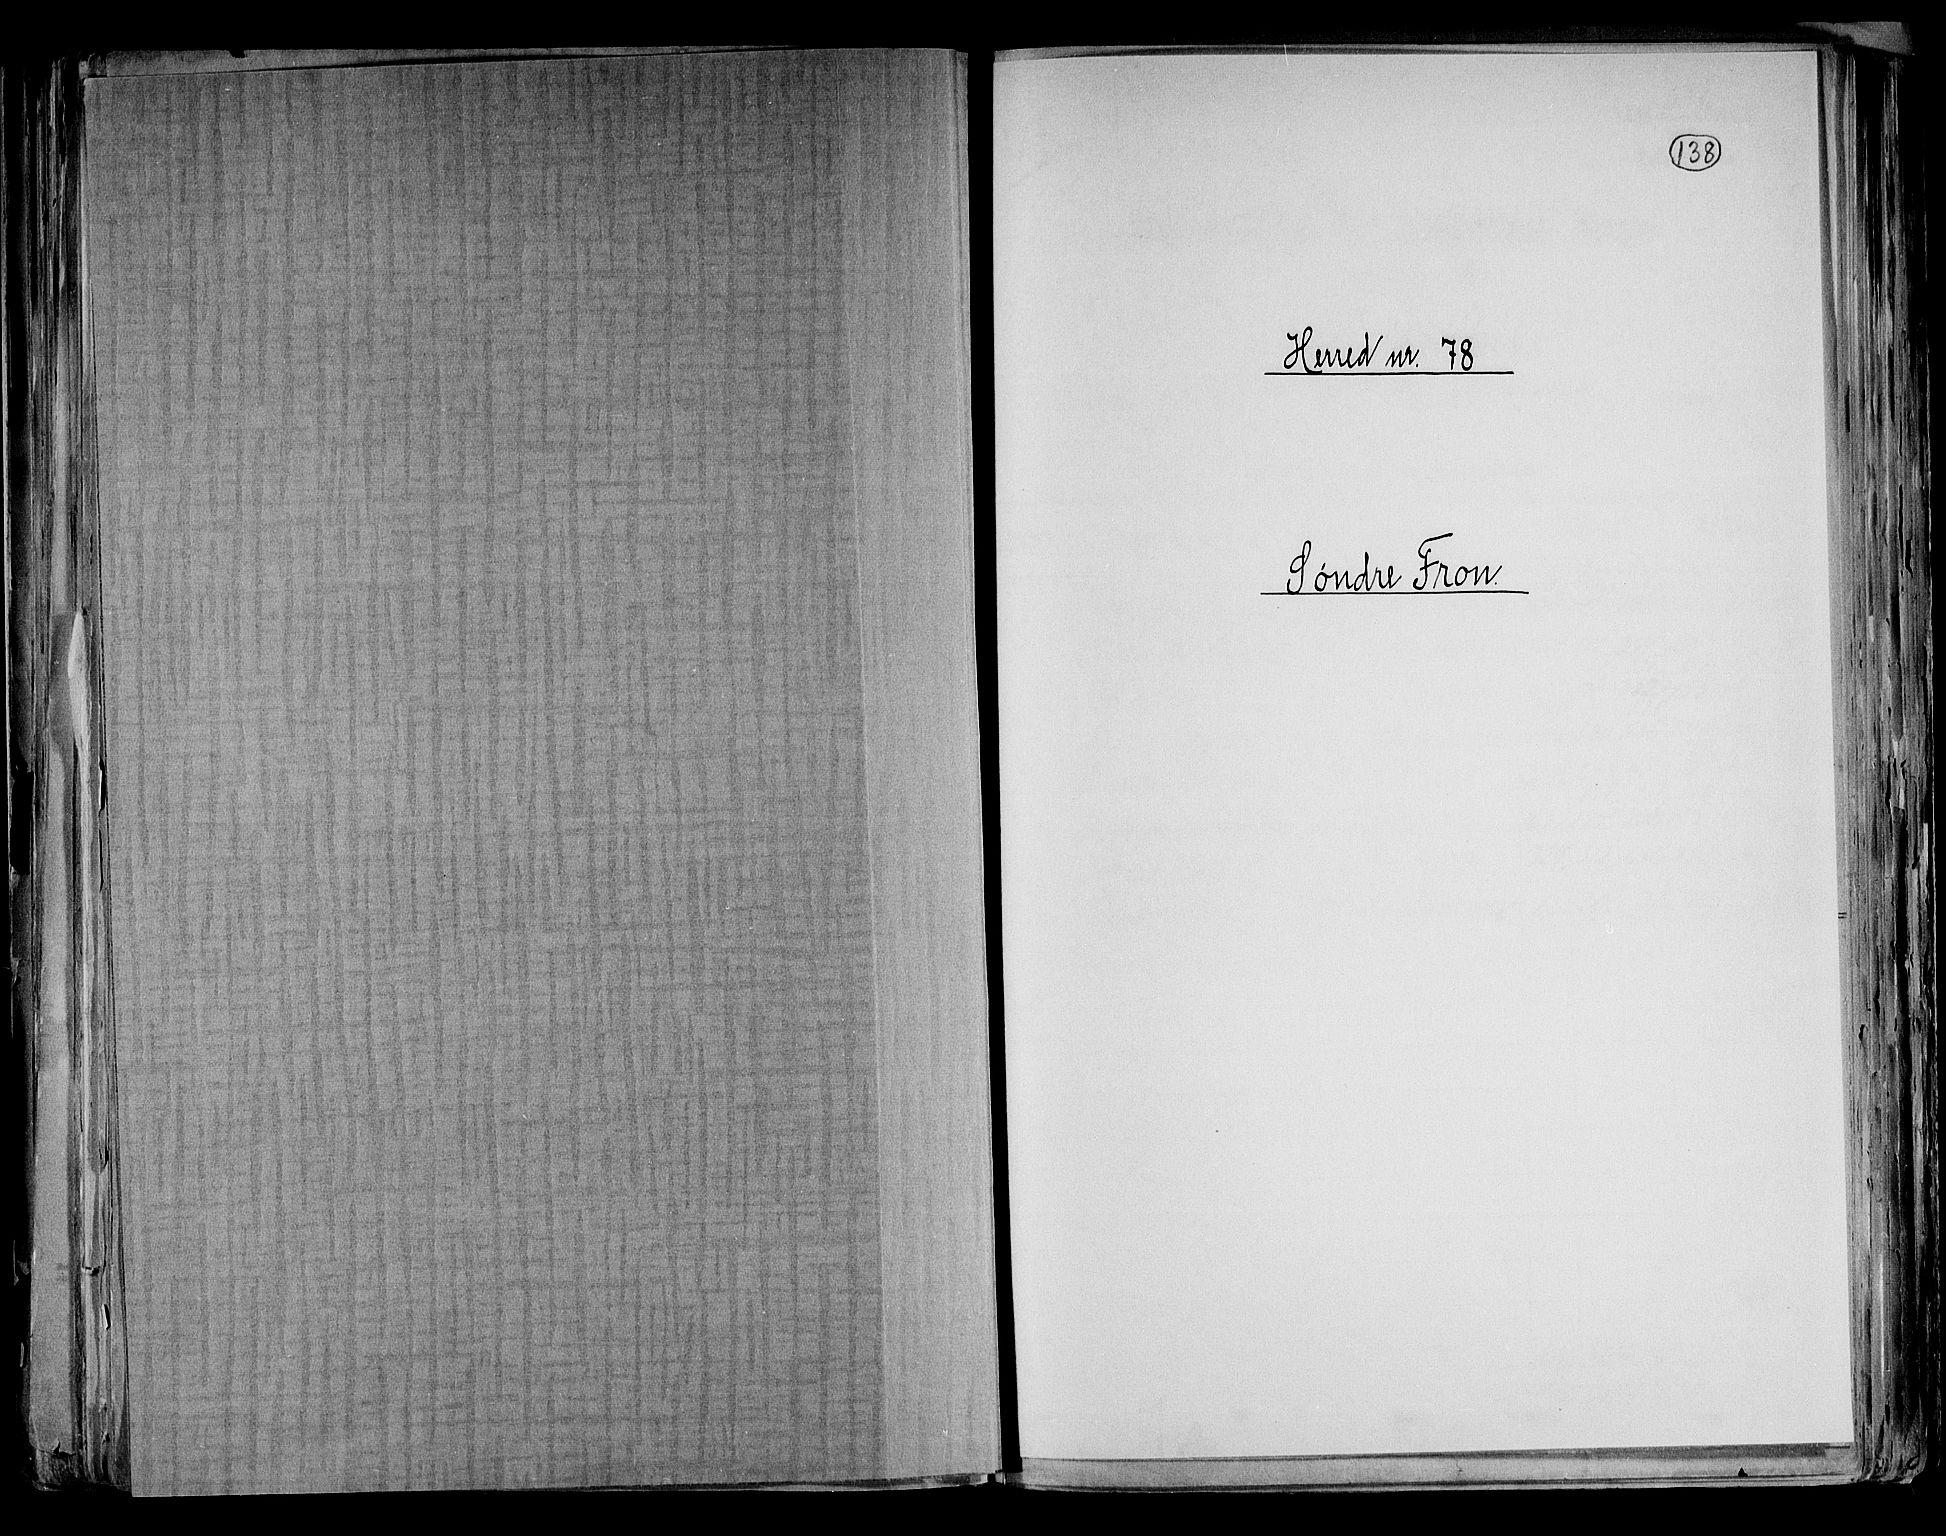 RA, Folketelling 1891 for 0519 Sør-Fron herred, 1891, s. 1